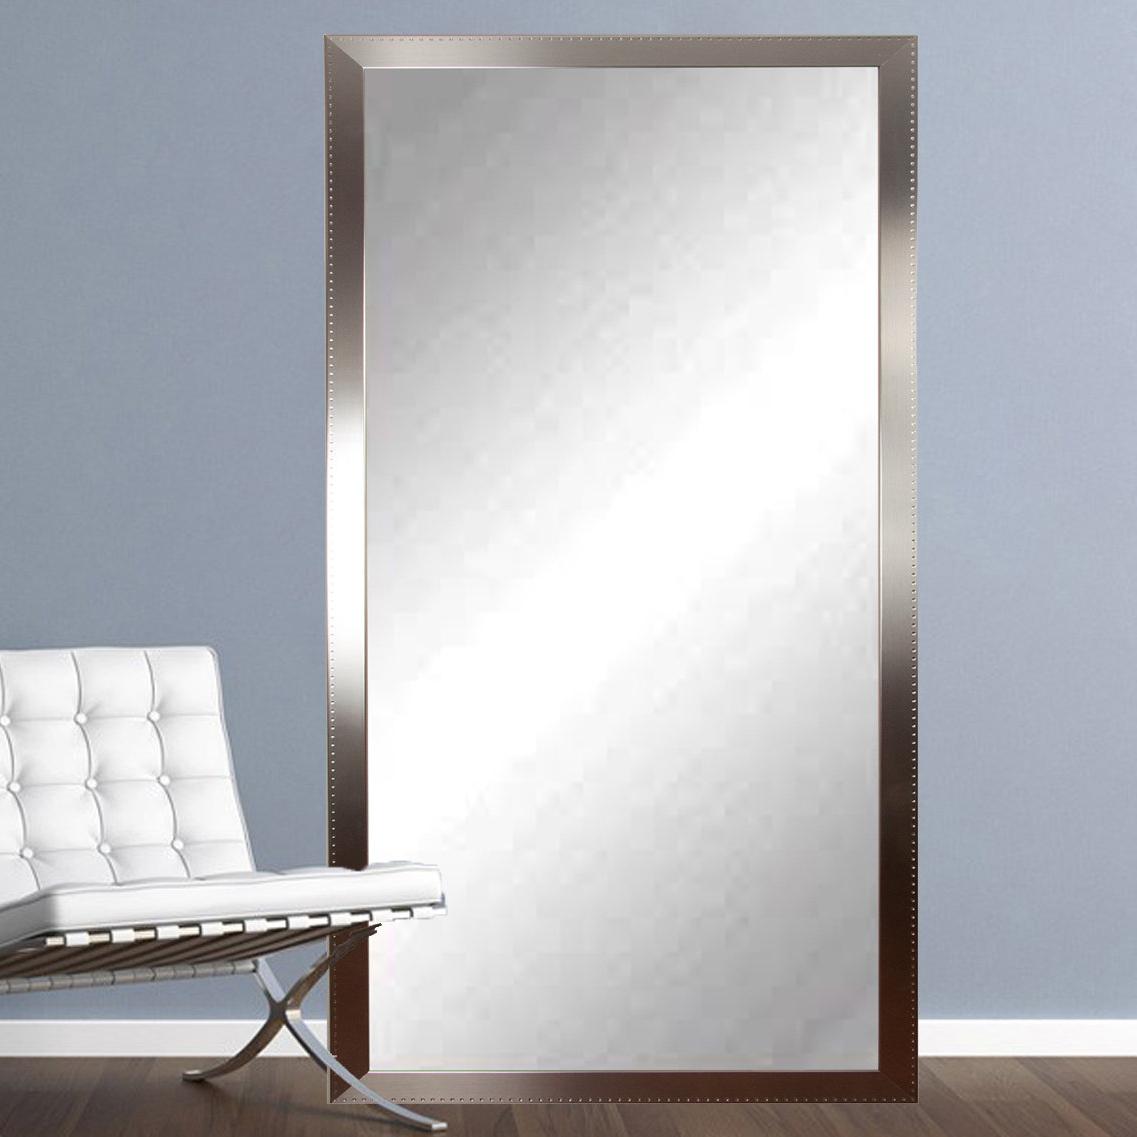 Recent Tall Wall Mirrors Regarding Woodruff Steel Chic Tall Vanity Wall Mirror (View 9 of 20)